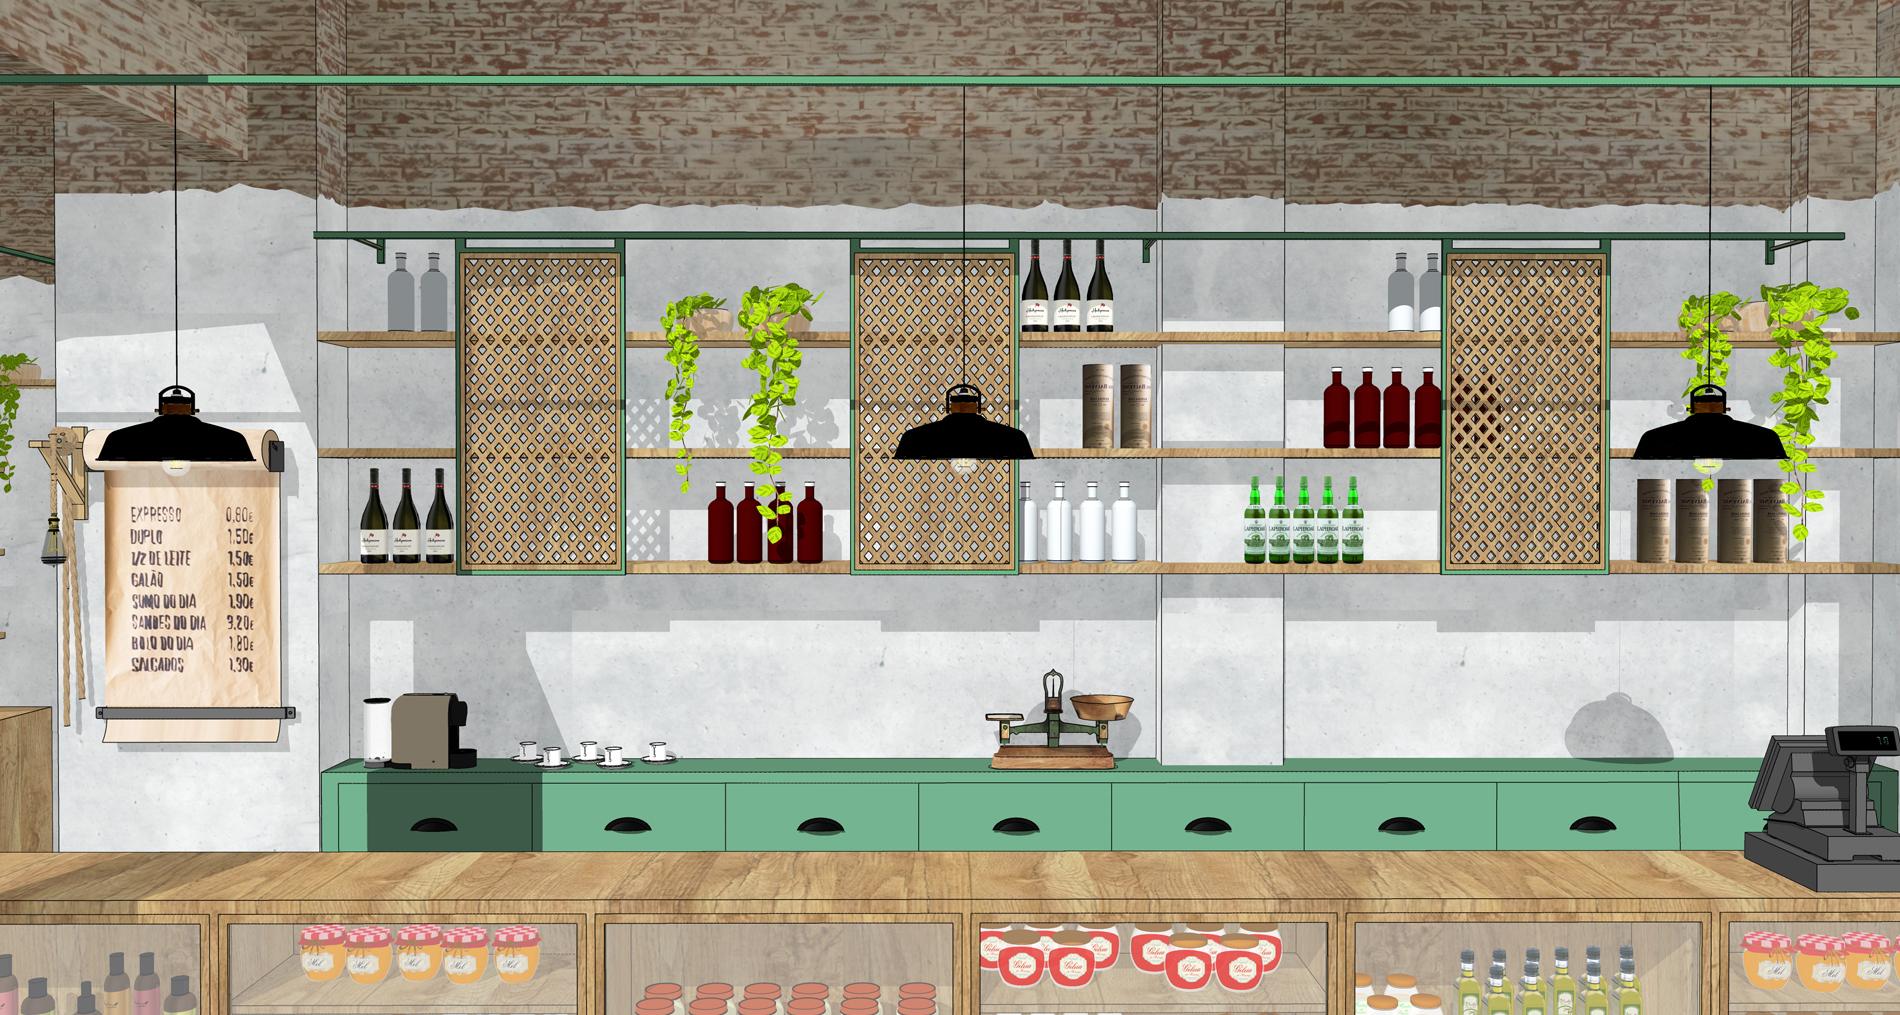 Projeto de Interiores.  Projeto para a Mercearia Esteves, localizada em Santa Teresa, Rio de Janeiro. Para visualizar mais, clique  aqui . | 3D modeling on SketchUp